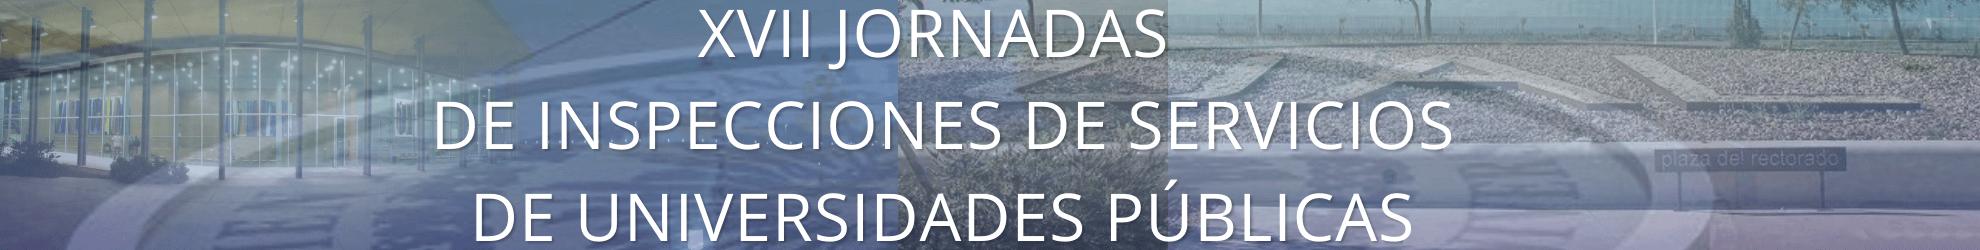 XVII JORNADAS DE INSPECCIÓN DE SERVICIOS DE UNIVERSIDADES